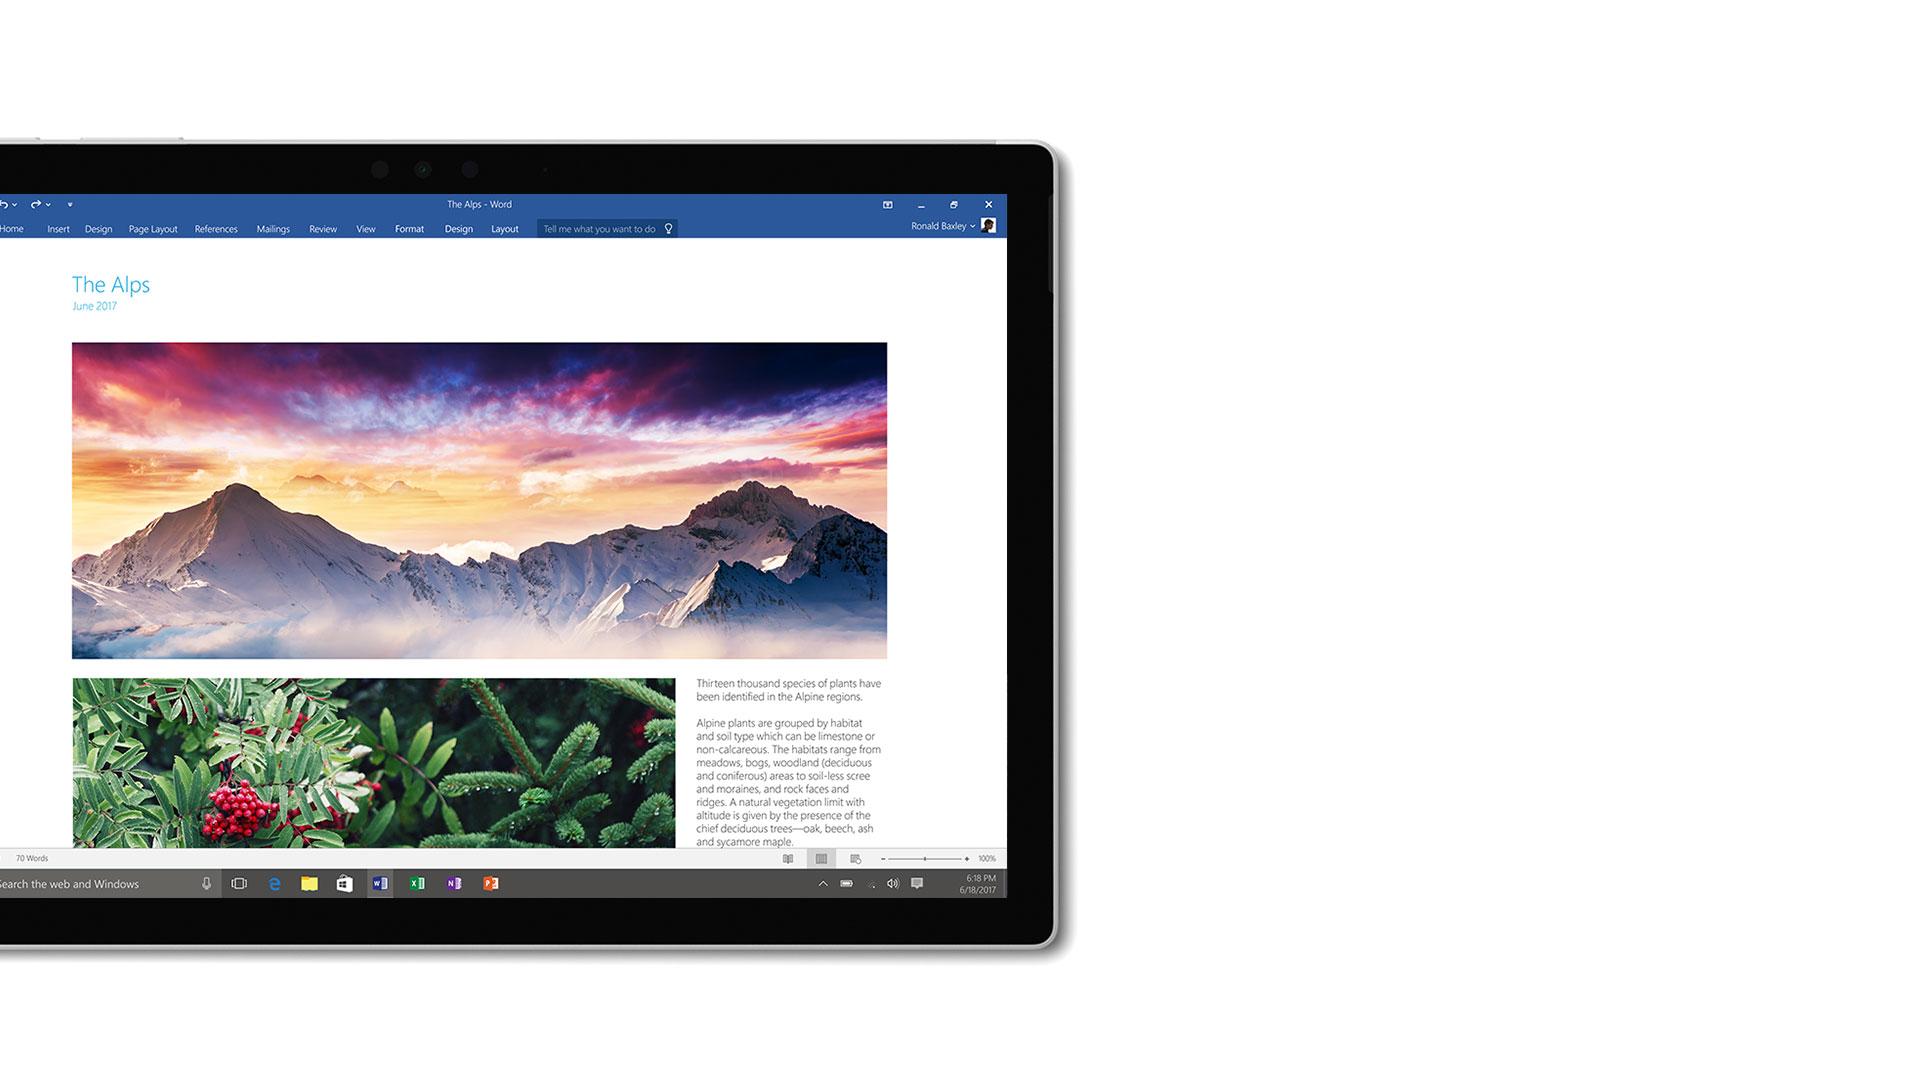 Imagem da interface de utilizador do Microsoft Word